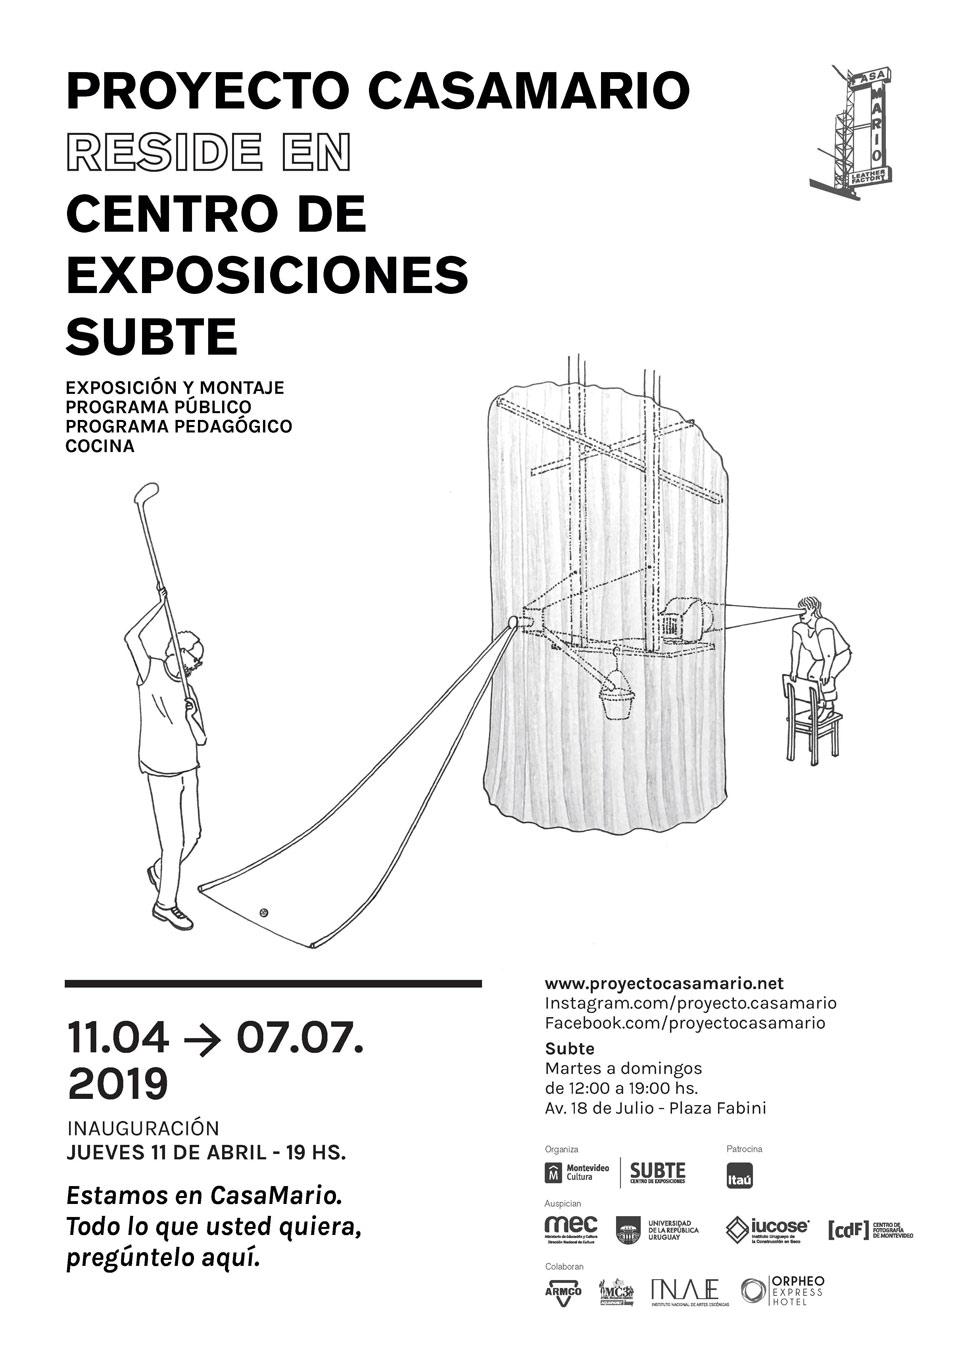 PROYECTO CASAMARIO reside en CENTRO DE EXPOSICIONES SUBTE Inauguración jueves 11 de abril 19:00 hs. 11 abril – 07 de julio de 2019 Plaza Fabini s/n